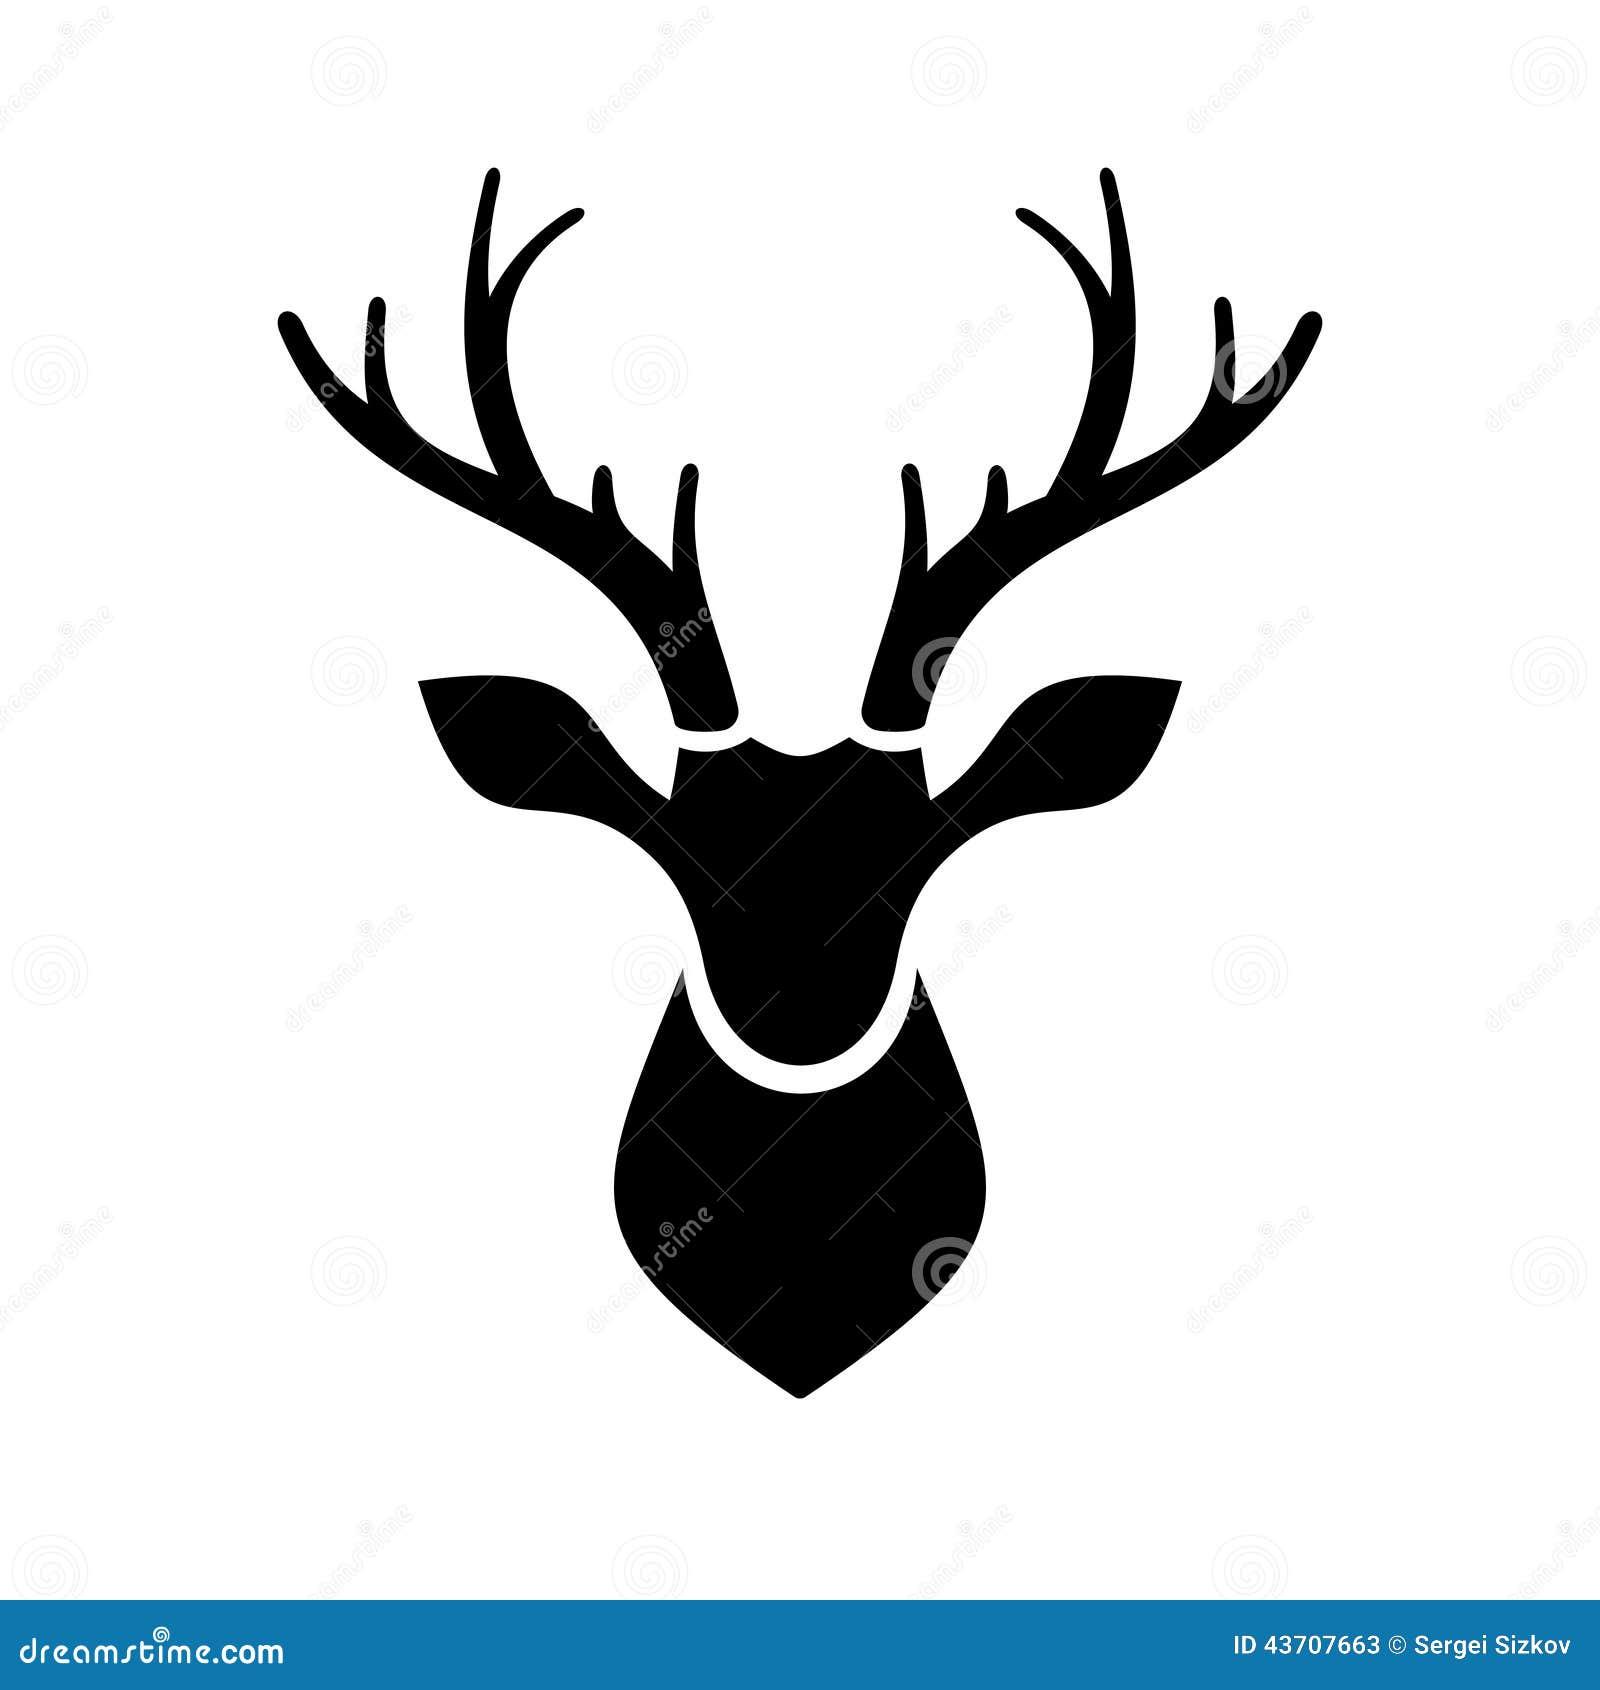 Stag Head Designs Deer Head Icon Vector Logo Stock Vector Image 43707663